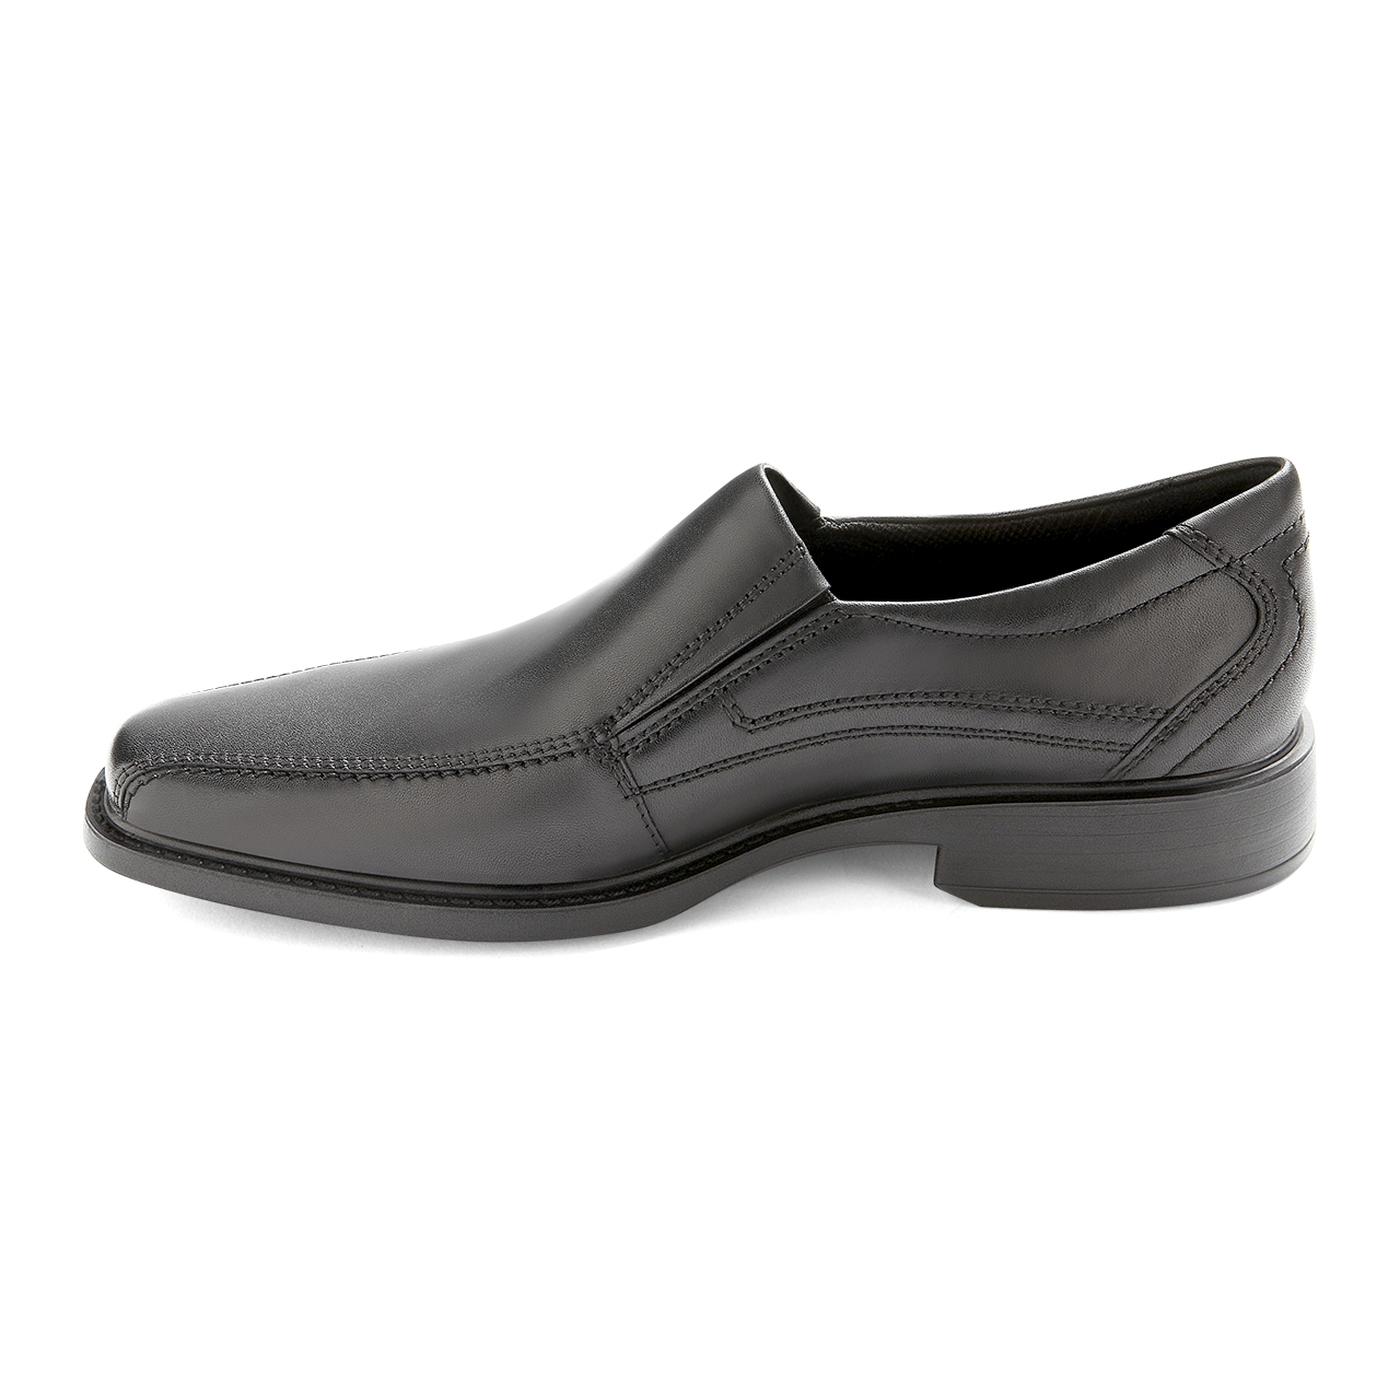 8cdaf9aee8de ECCO Men s New Jersey Slip-on shoe  80 (was  120) - Slickdeals.net